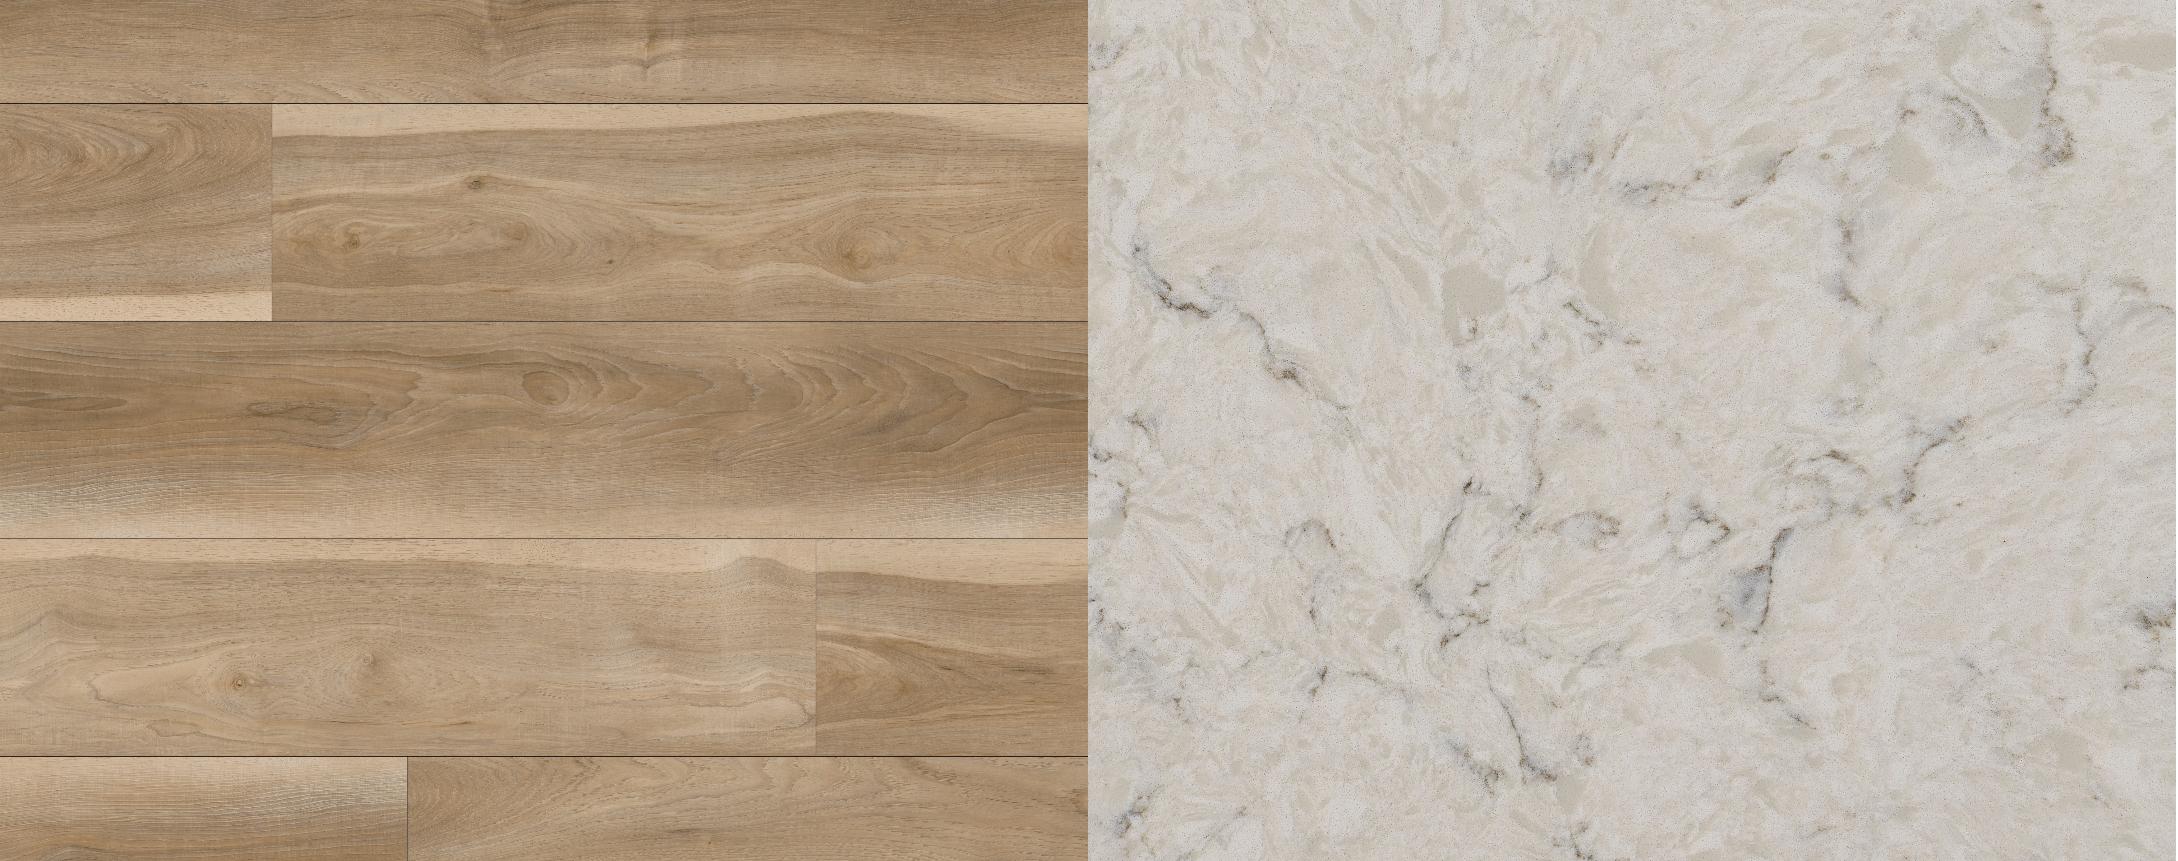 bayhill-lvt-and-carrara-mist-quartz